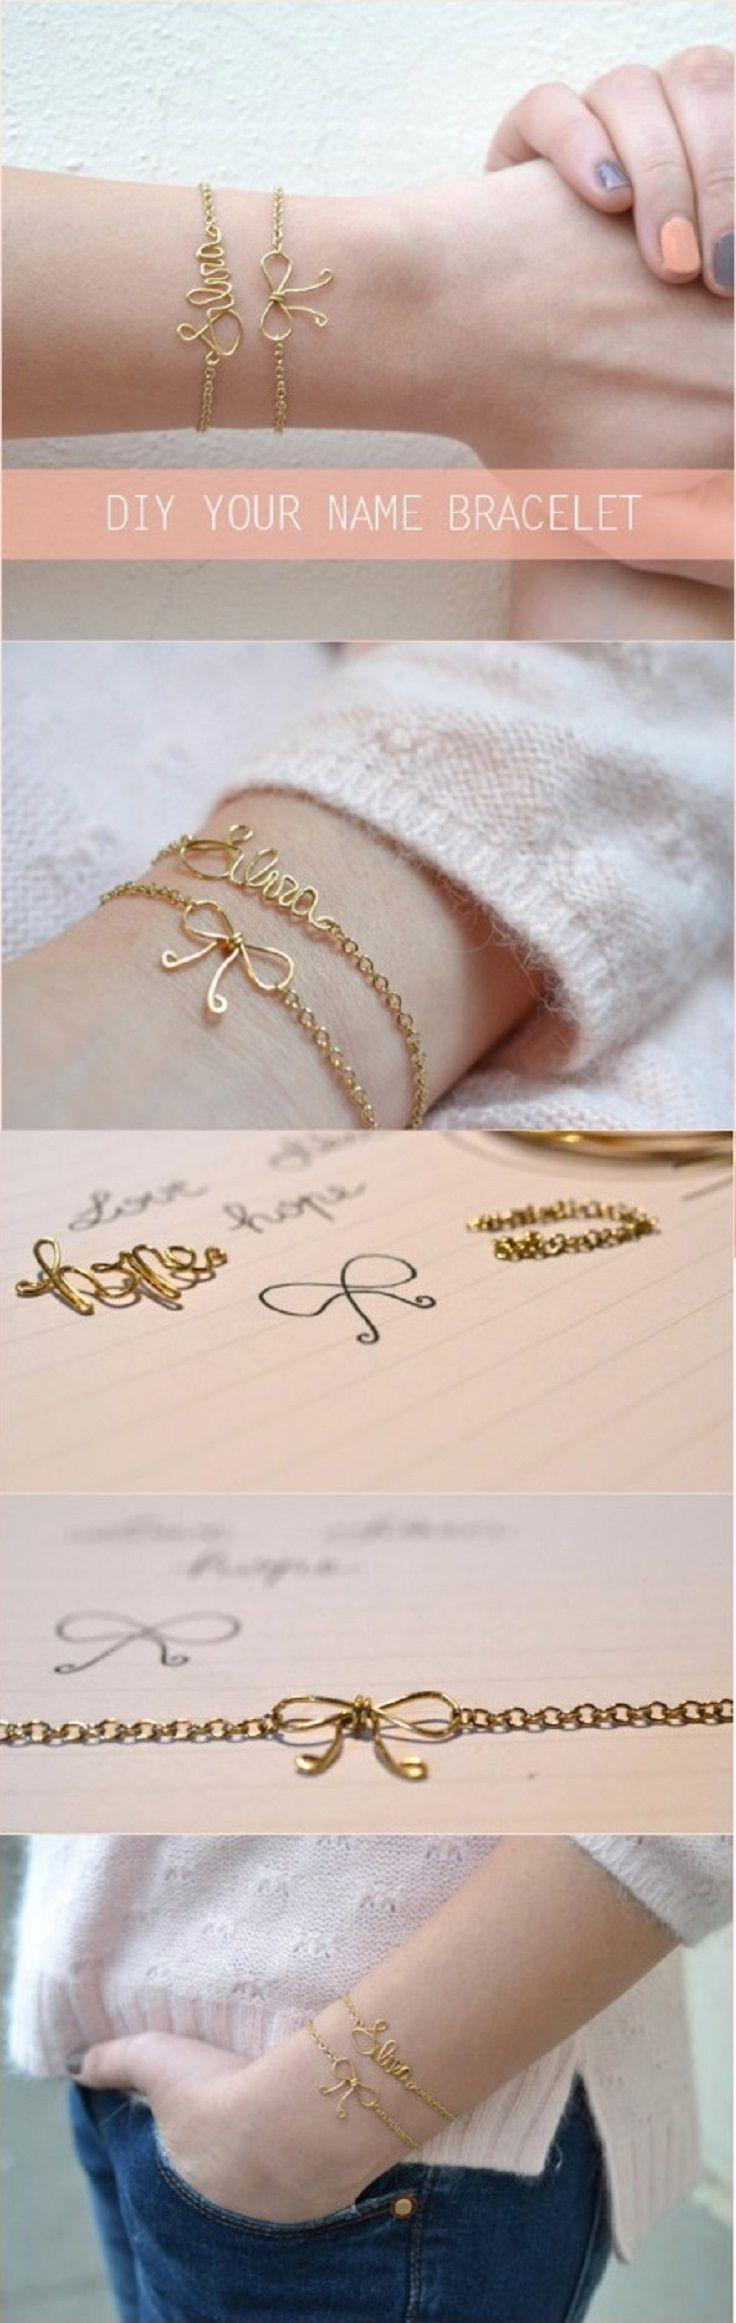 DIY Armschmuck mit Name ♥ stylefruits Inspiration ♥ #bracelet #armband